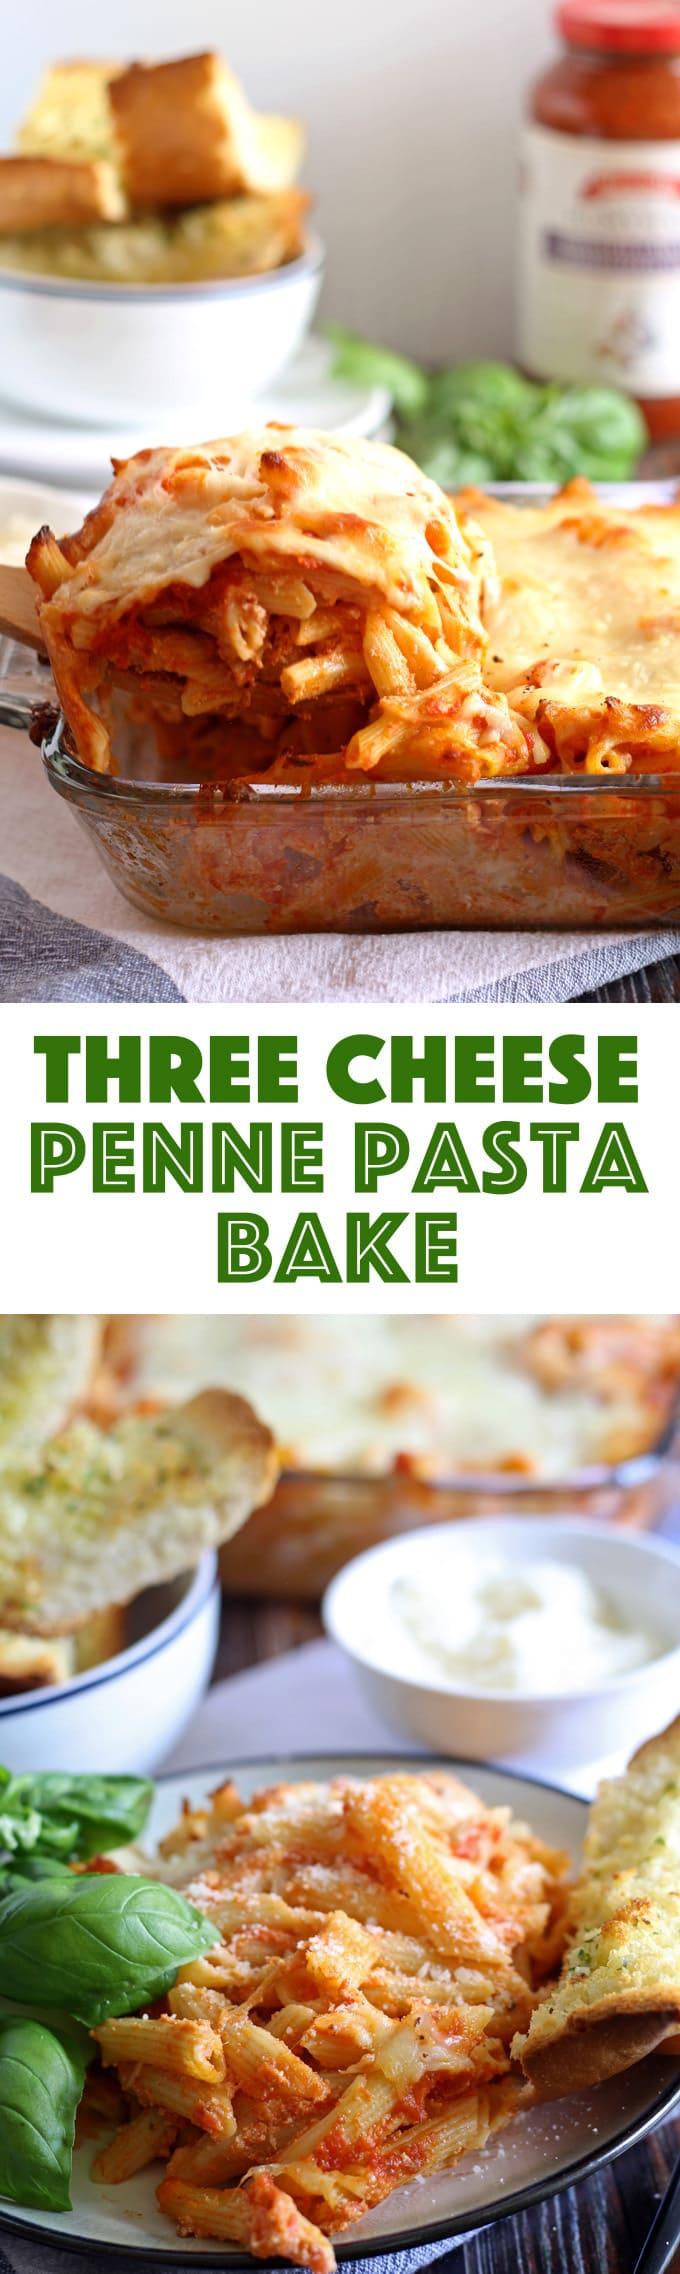 Three Cheese Penne Pasta Bake | honeyandbirch.com